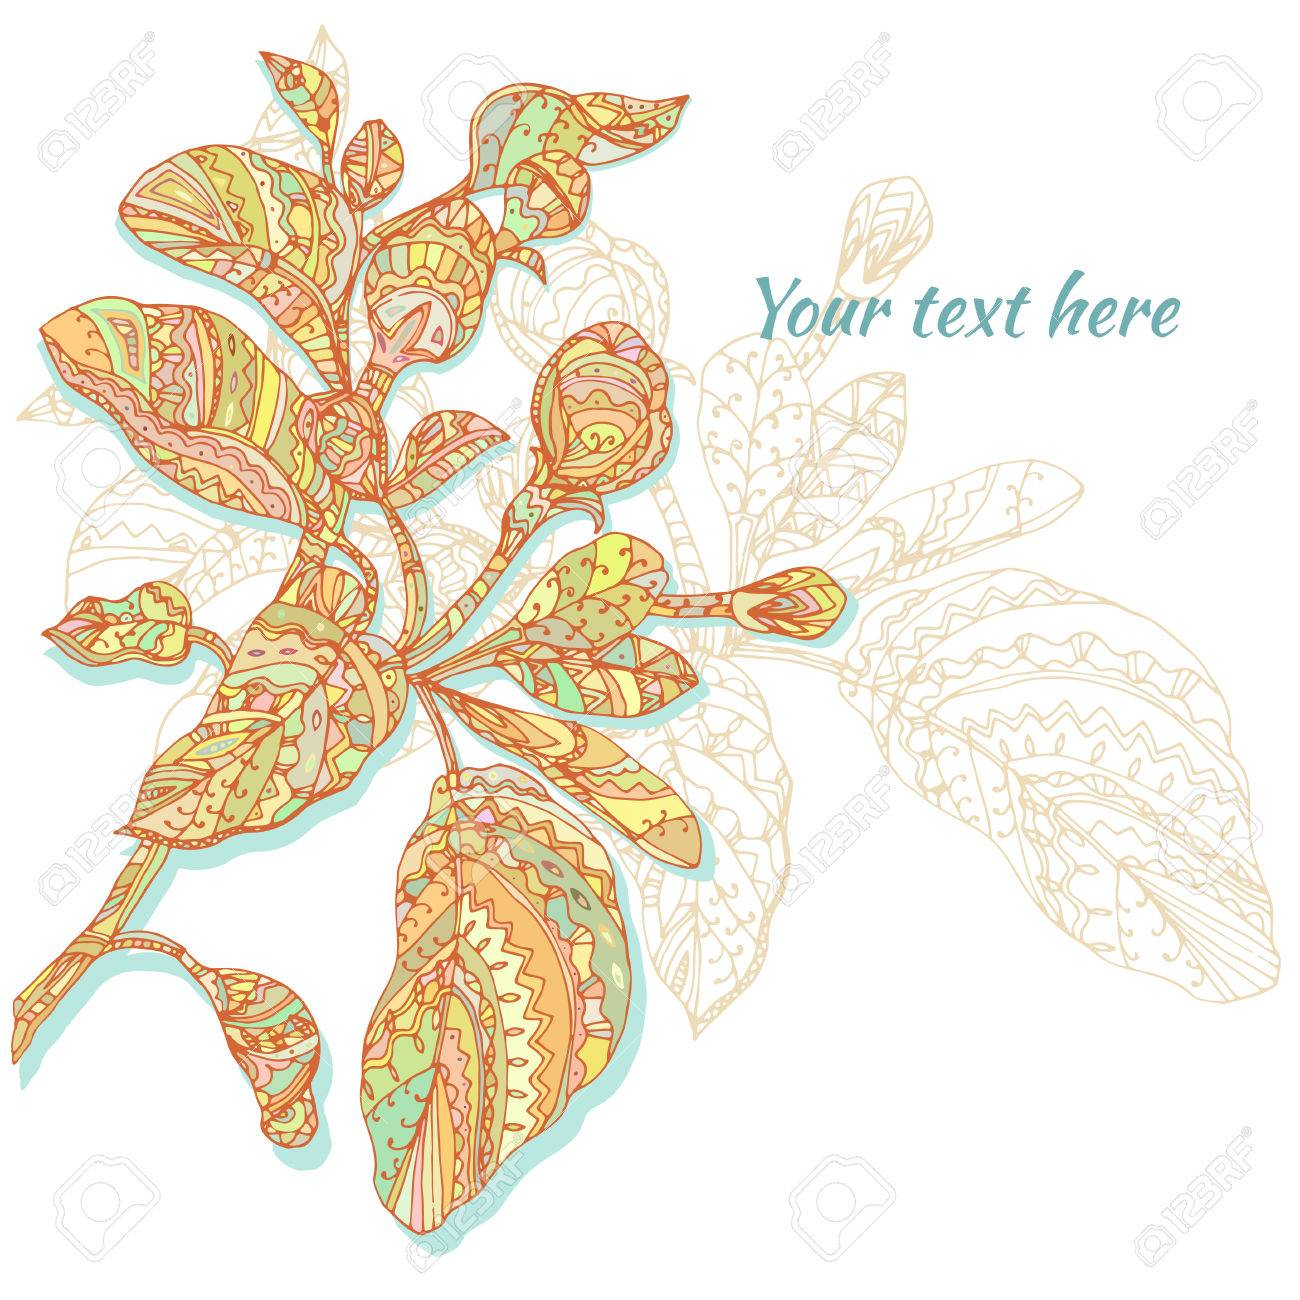 Vector Dibujado A Mano La Tarjeta De Flores Abstracto Almuerzo En El Fondo Blanco Doodle Patrón De Diseño Para La Tarjeta La Invitación Saludo